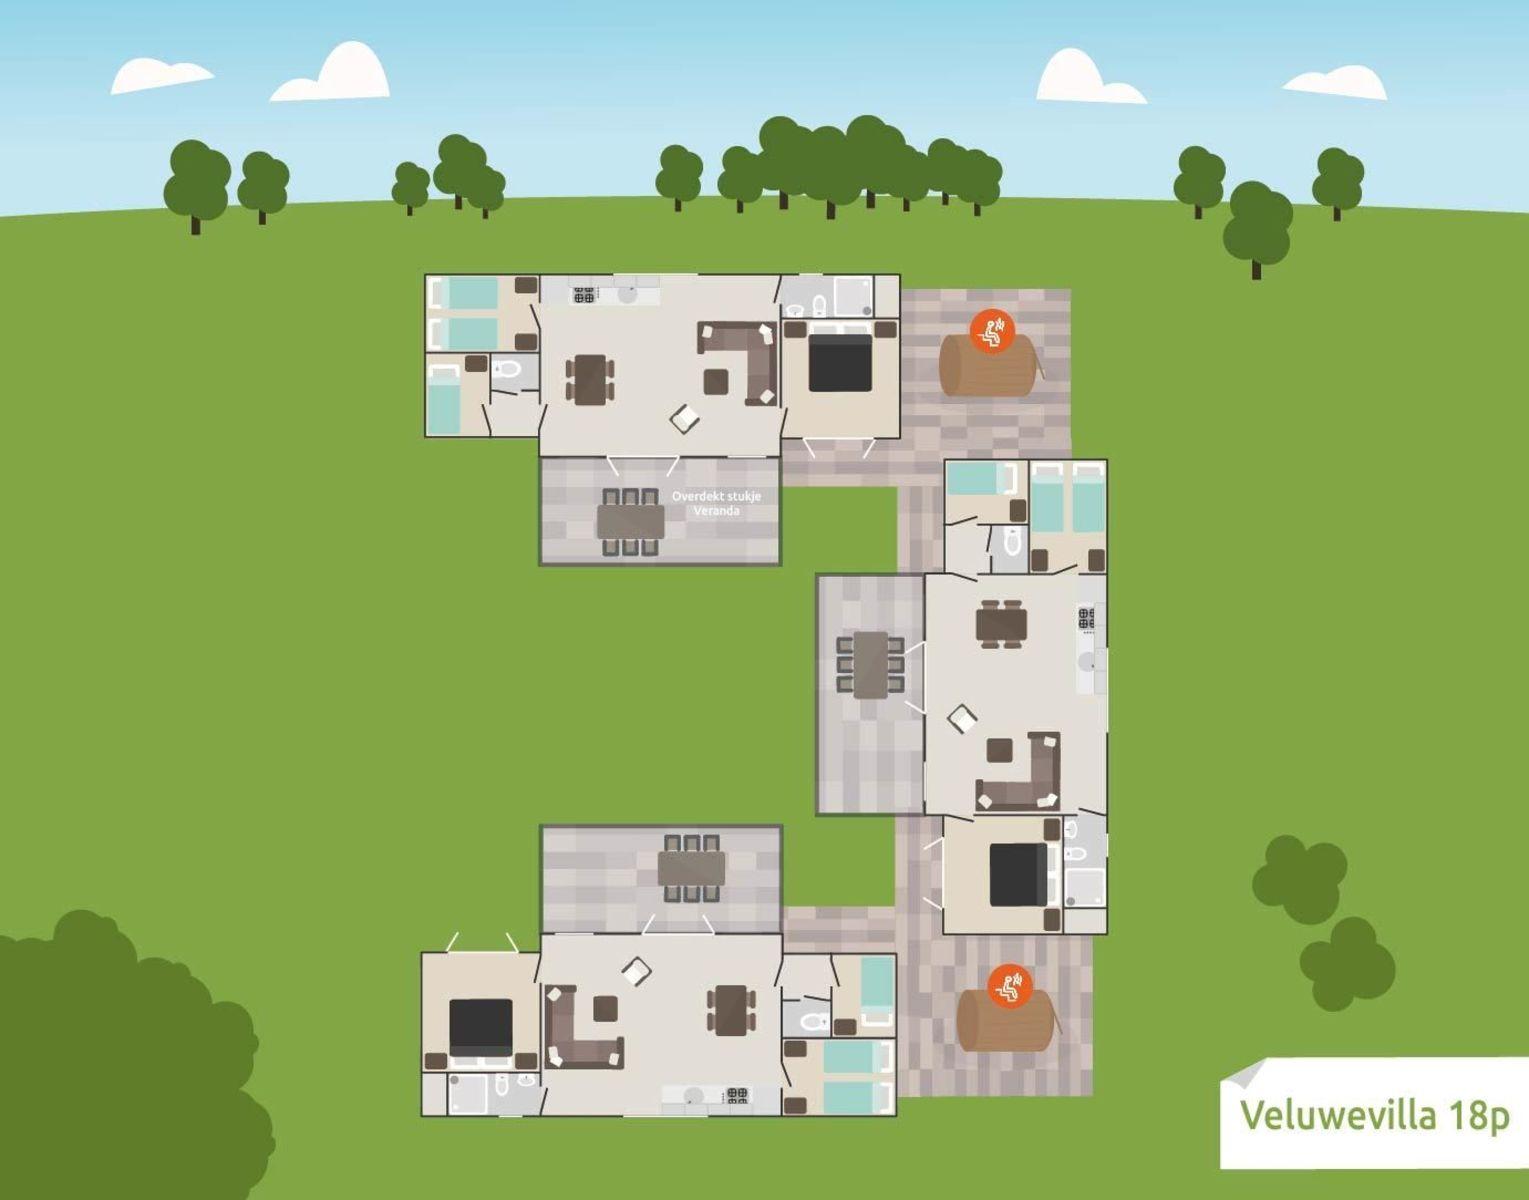 18-person Veluwe Villa district